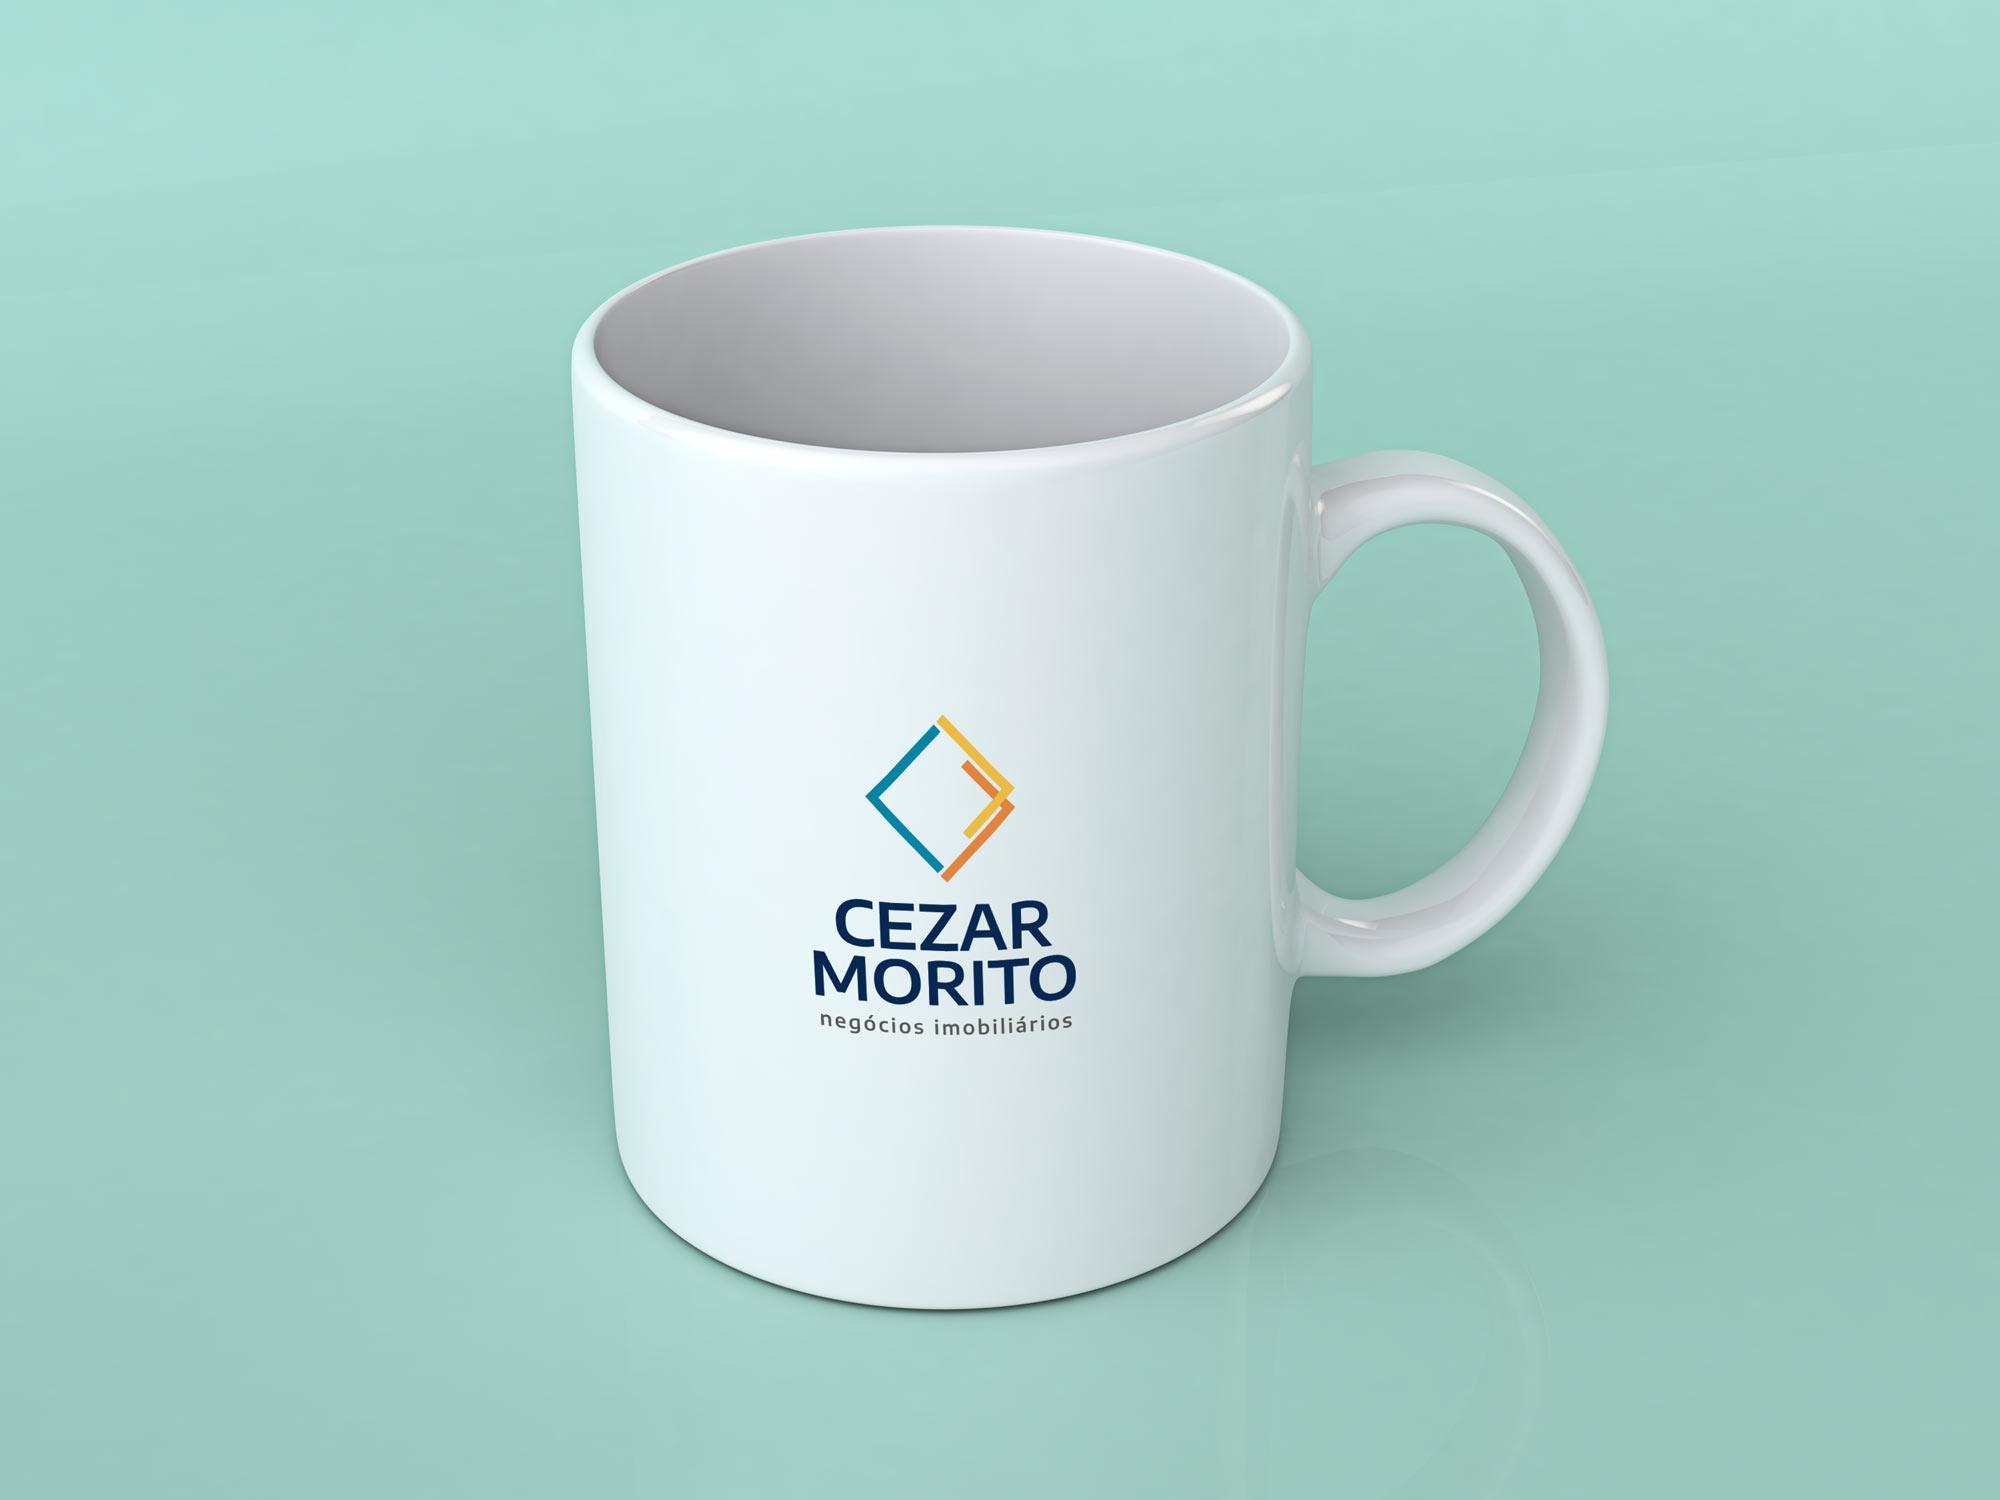 Cezar Morito (corretor de imóveis) - Logotipo aplicado em caneca